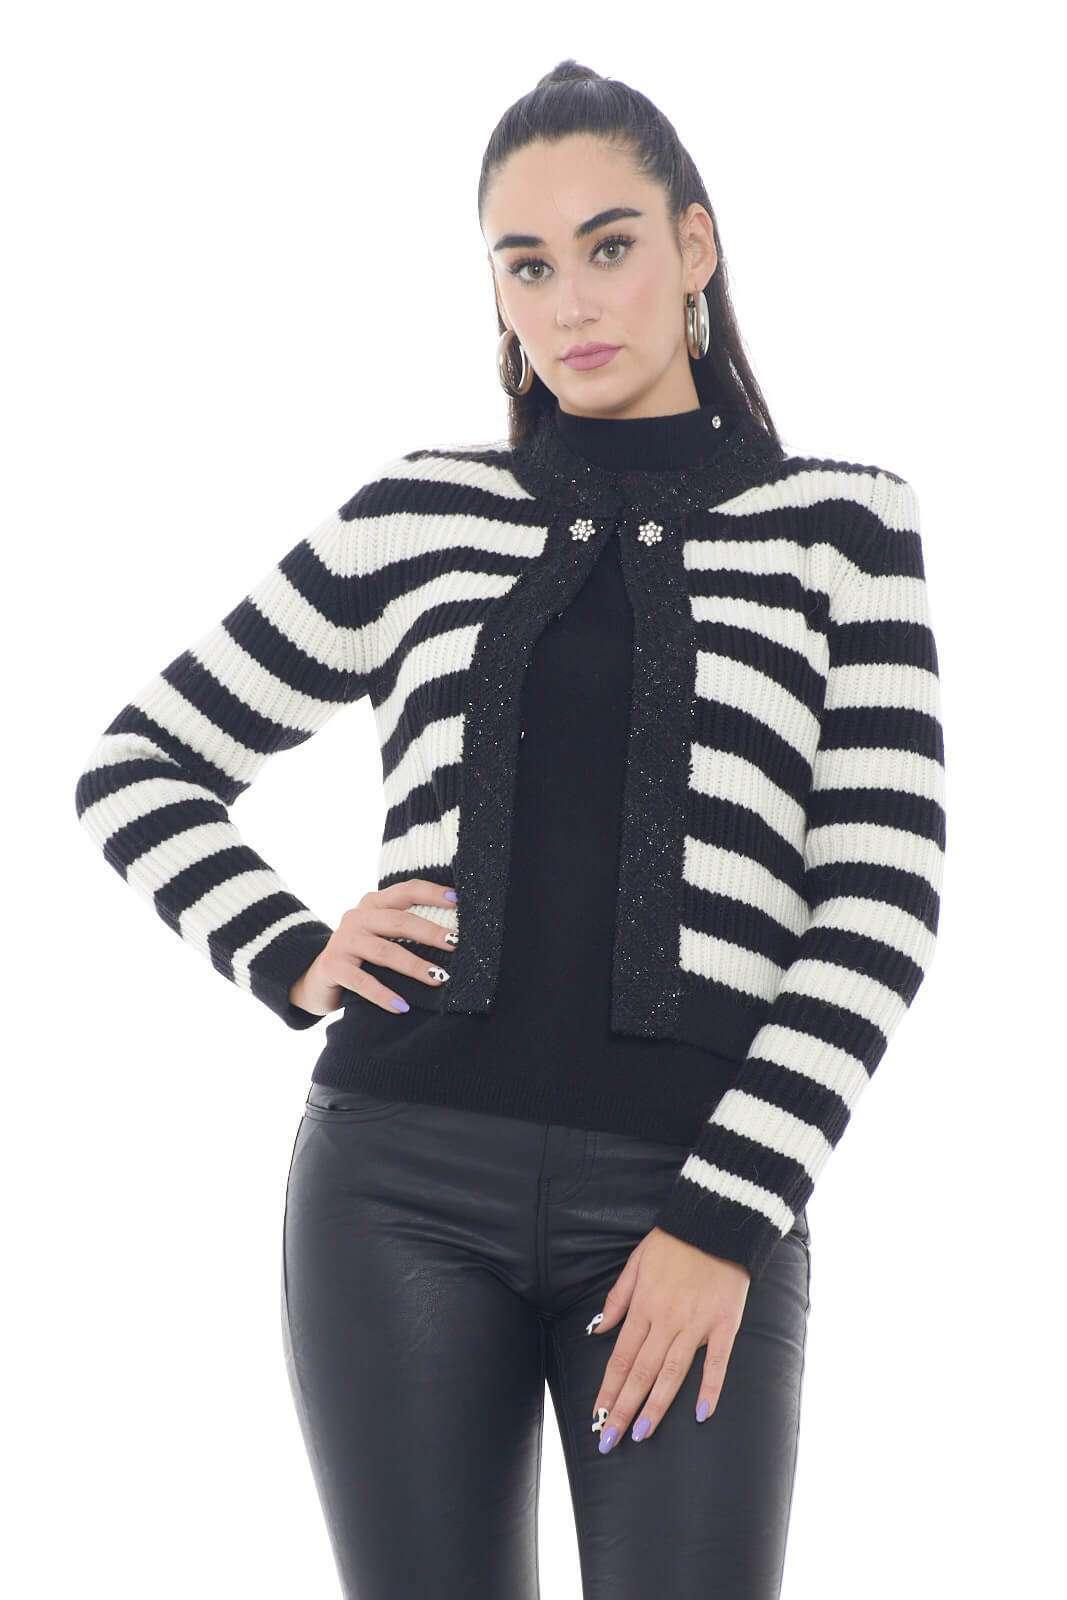 Cardigan semplice de elegante, quello firmato Liu Jo, perfetto per le occasioni più chic e formali. Ideale da indossare sopra a bluse o camicie, per outfit raffinati e glamour, sempre impeccabili.  La modella è alta 1,78m e indossa la taglia S.